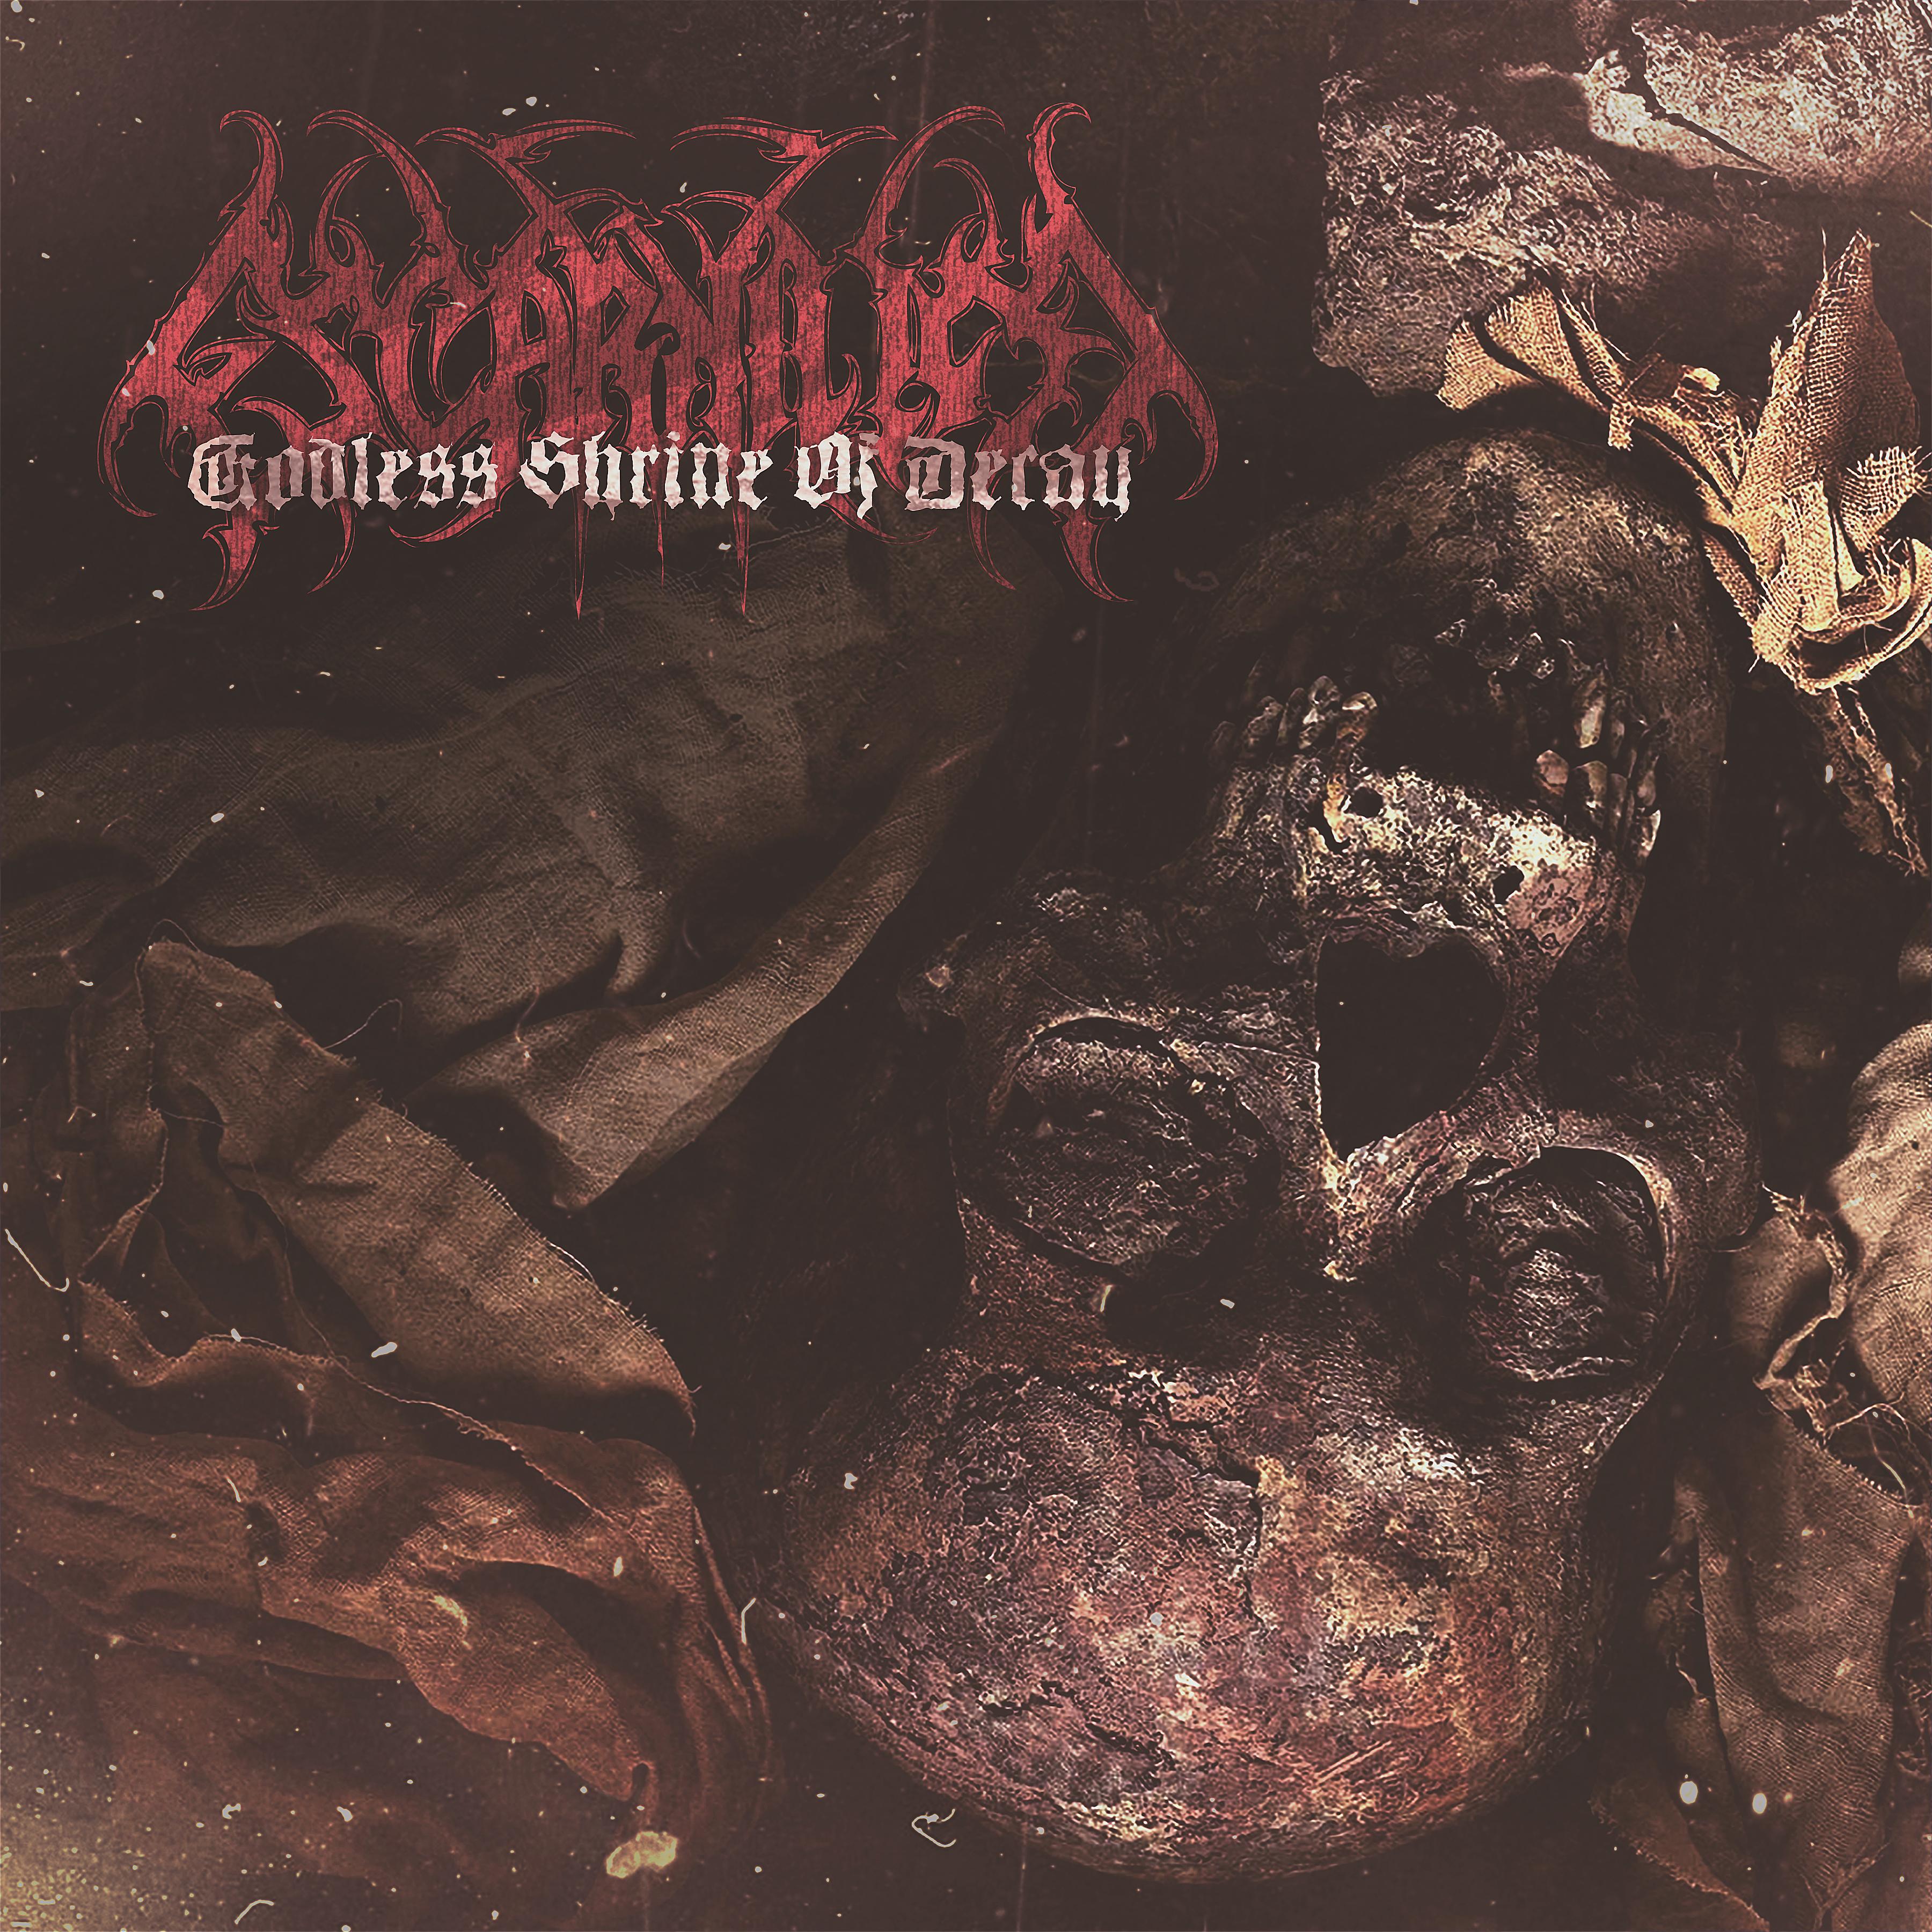 Escarnium – Godless Shrine of Decay CD Review